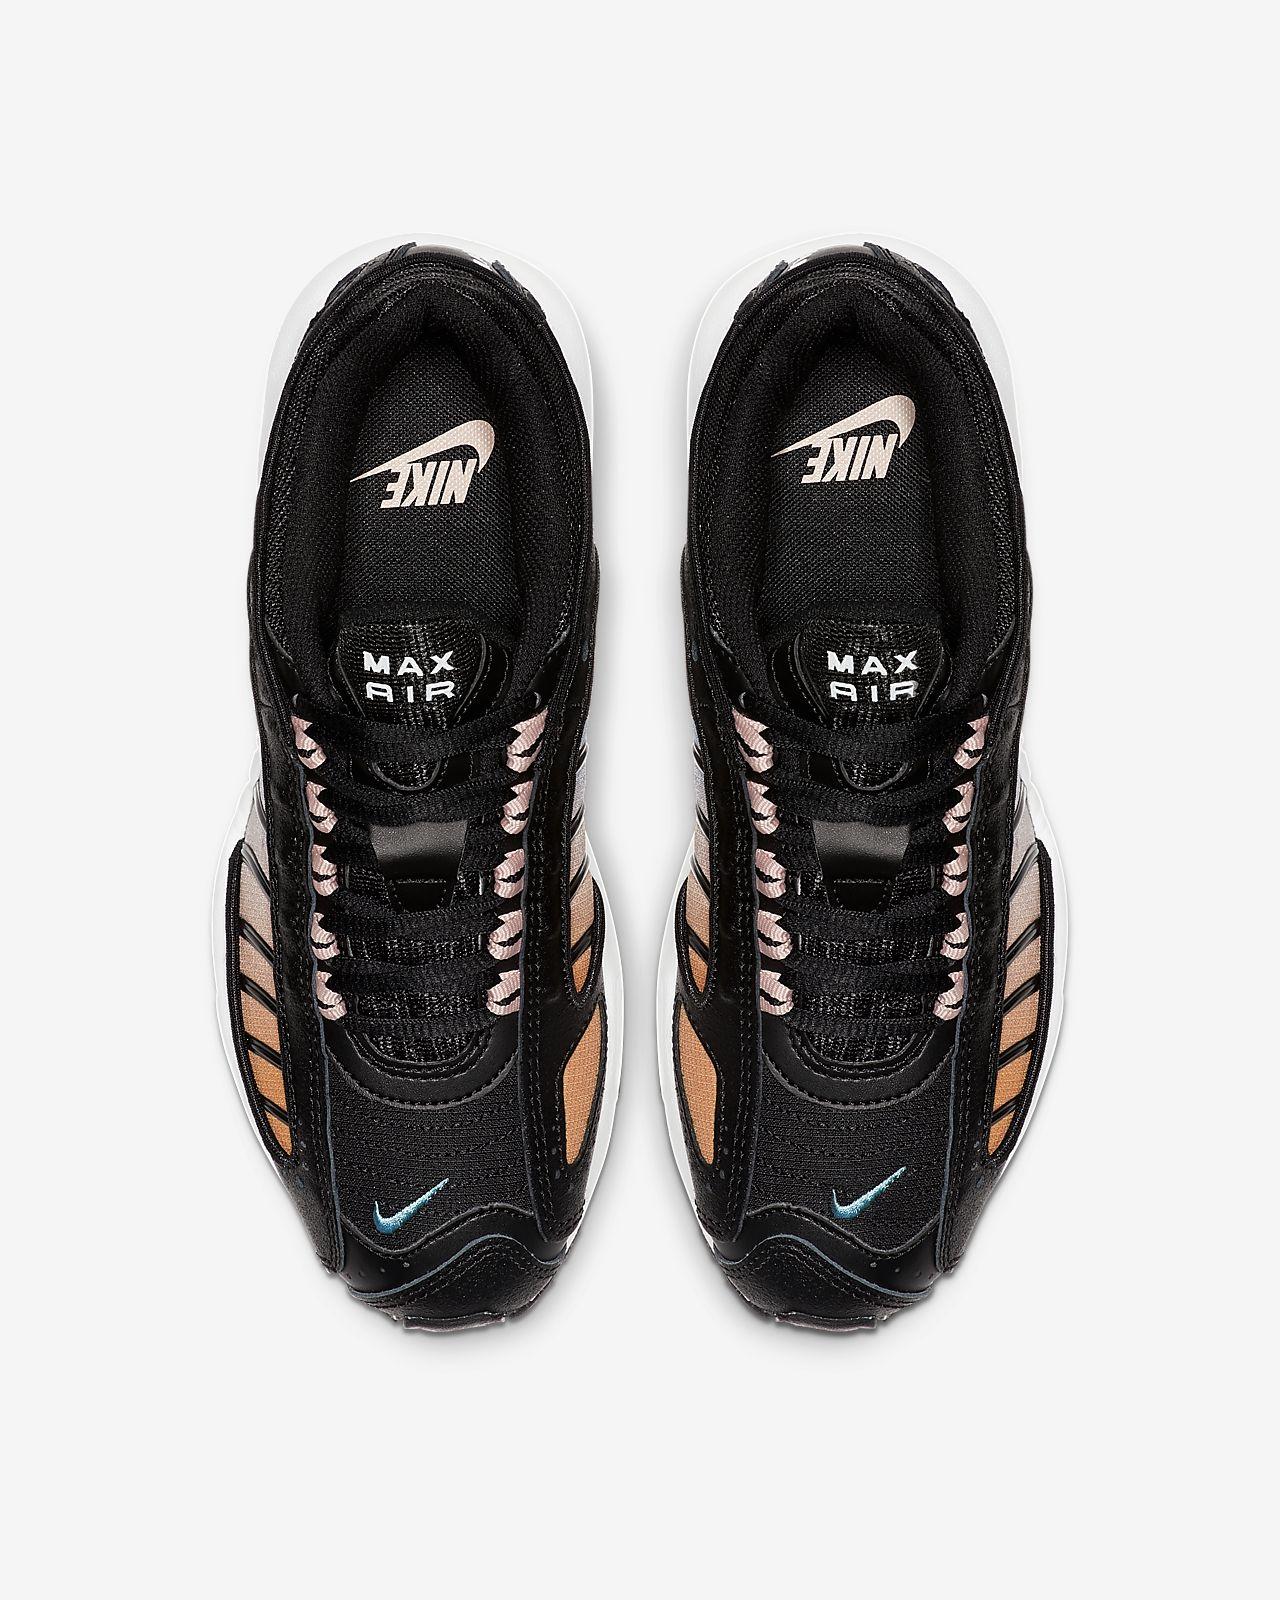 Nike Air Max Tailwind IV (W) Black CJ7976 001